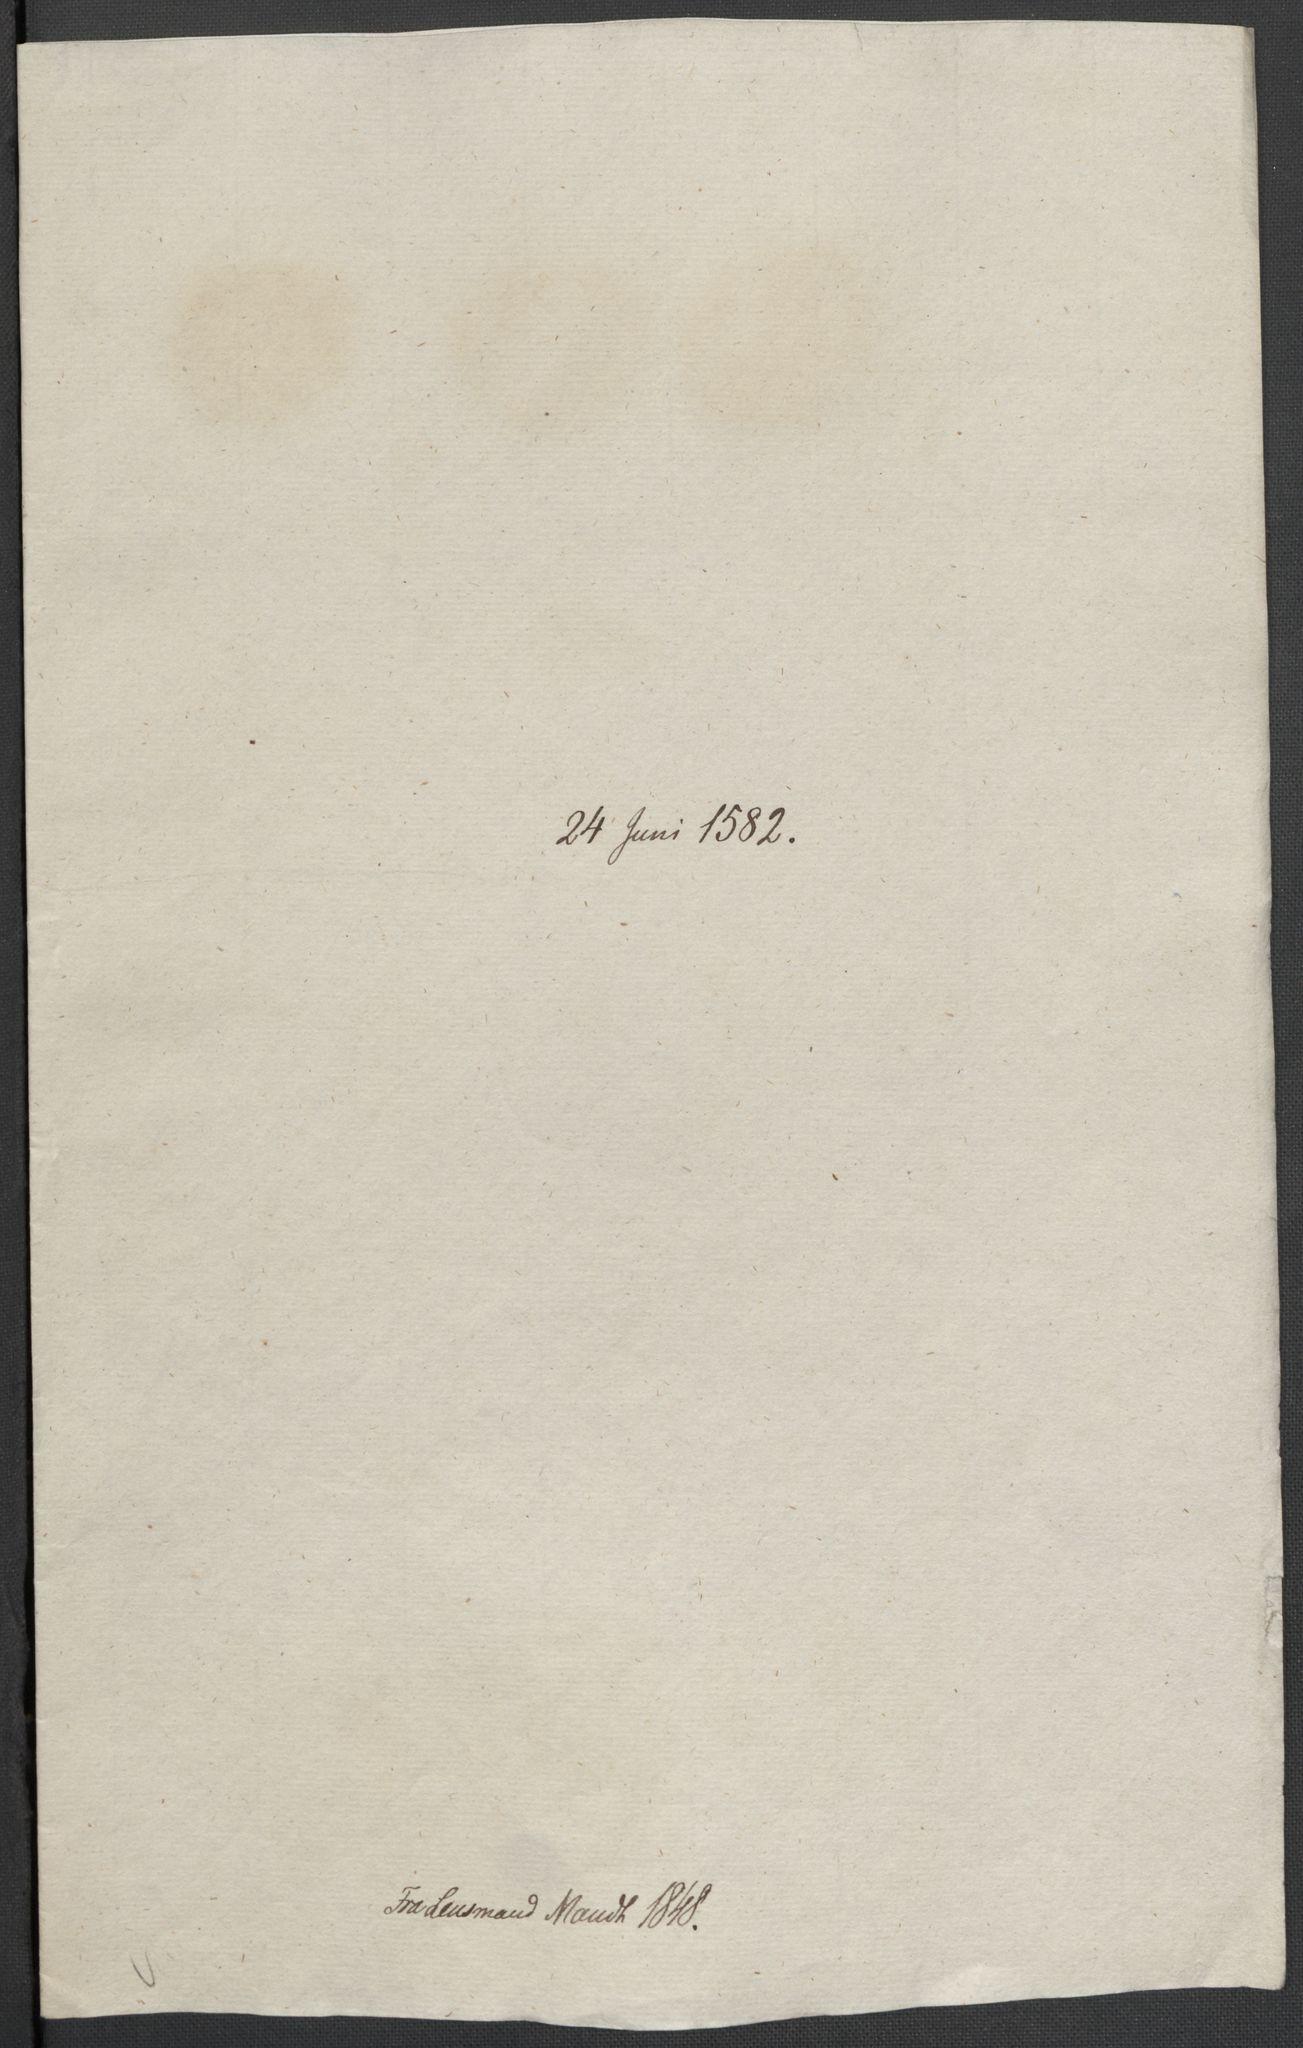 RA, Riksarkivets diplomsamling, F02/L0084: Dokumenter, 1582, s. 31